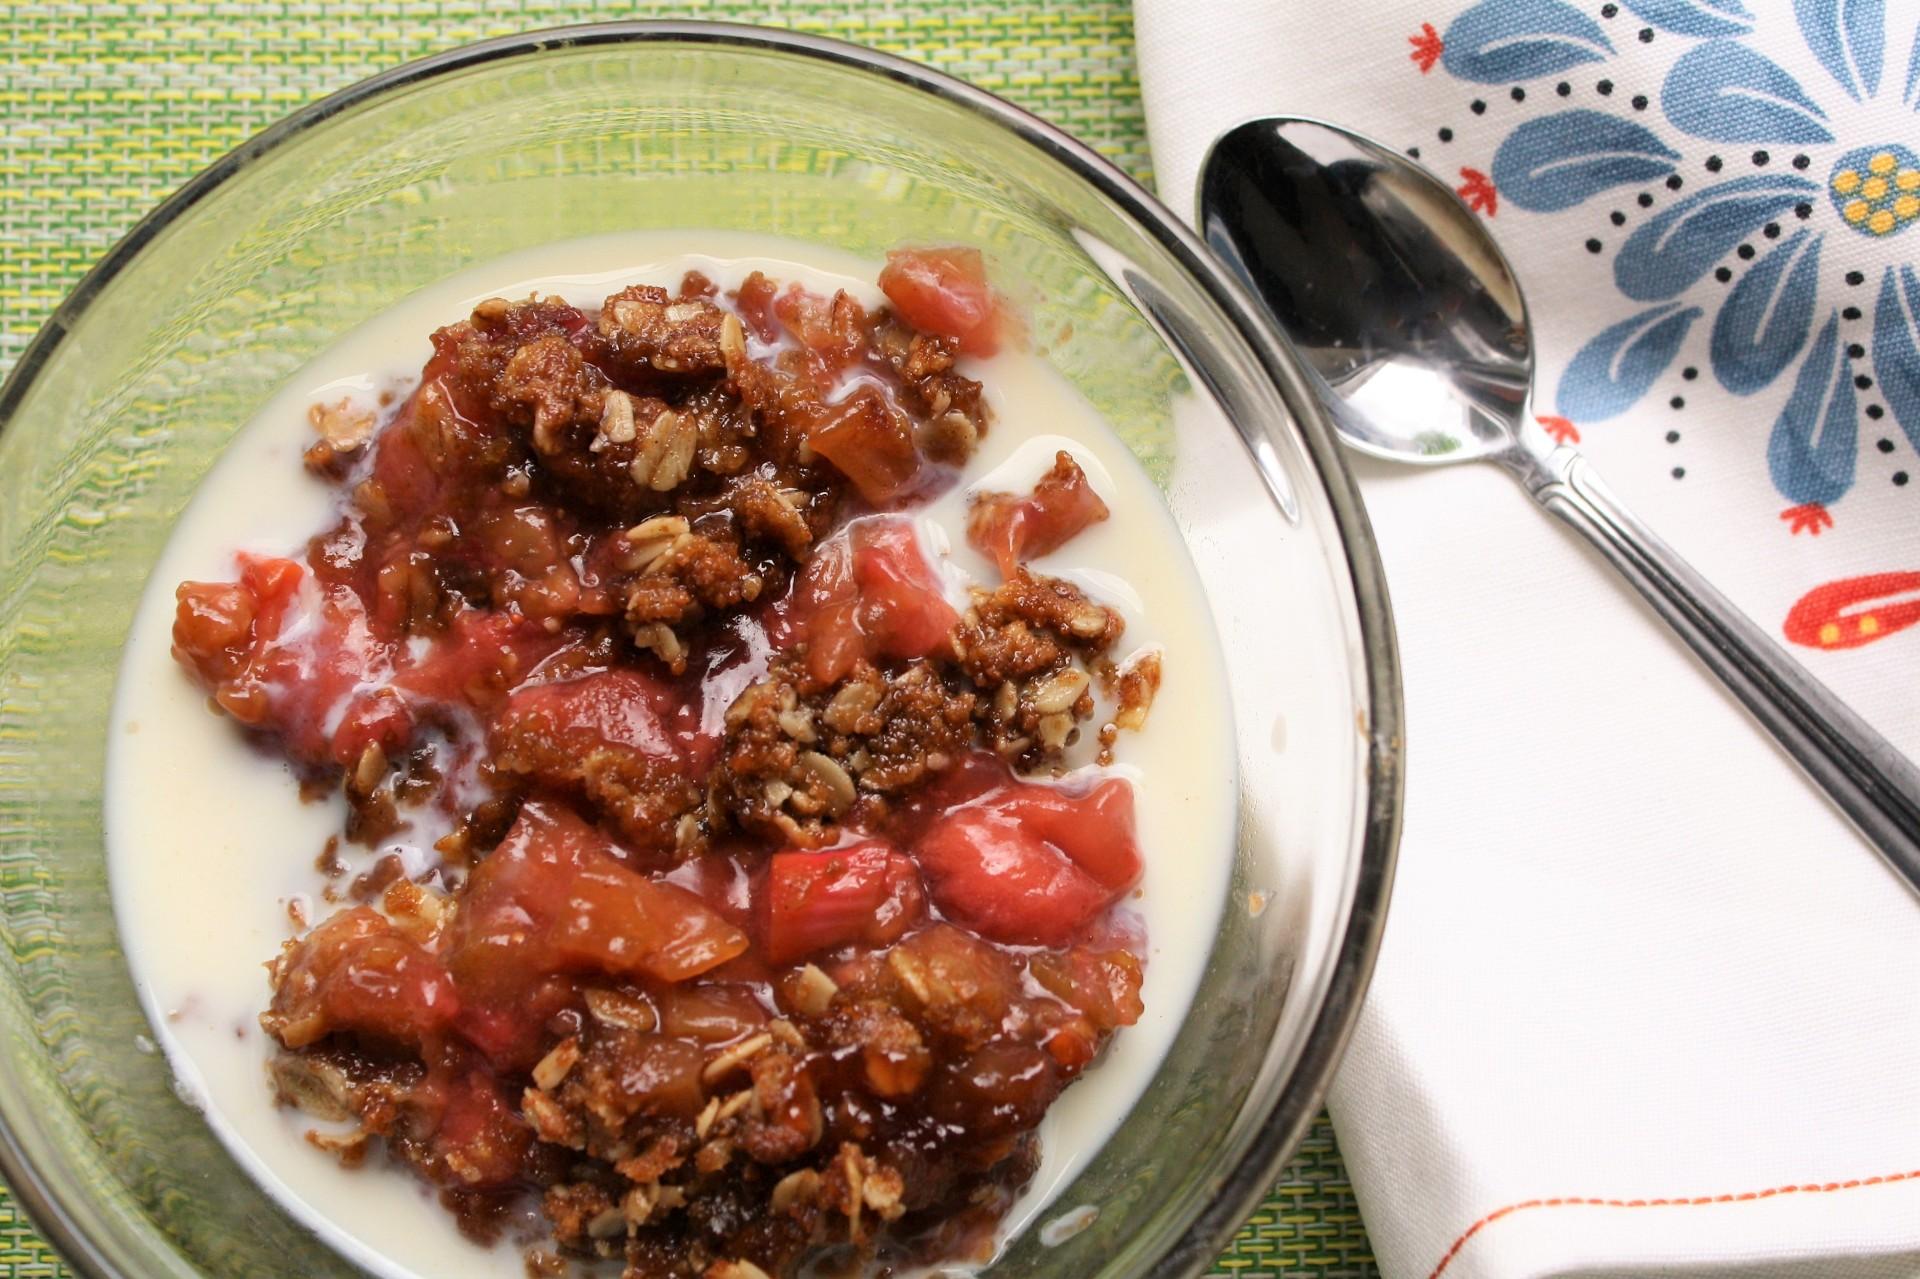 Springtime Strawberry Rhubarb Crisp